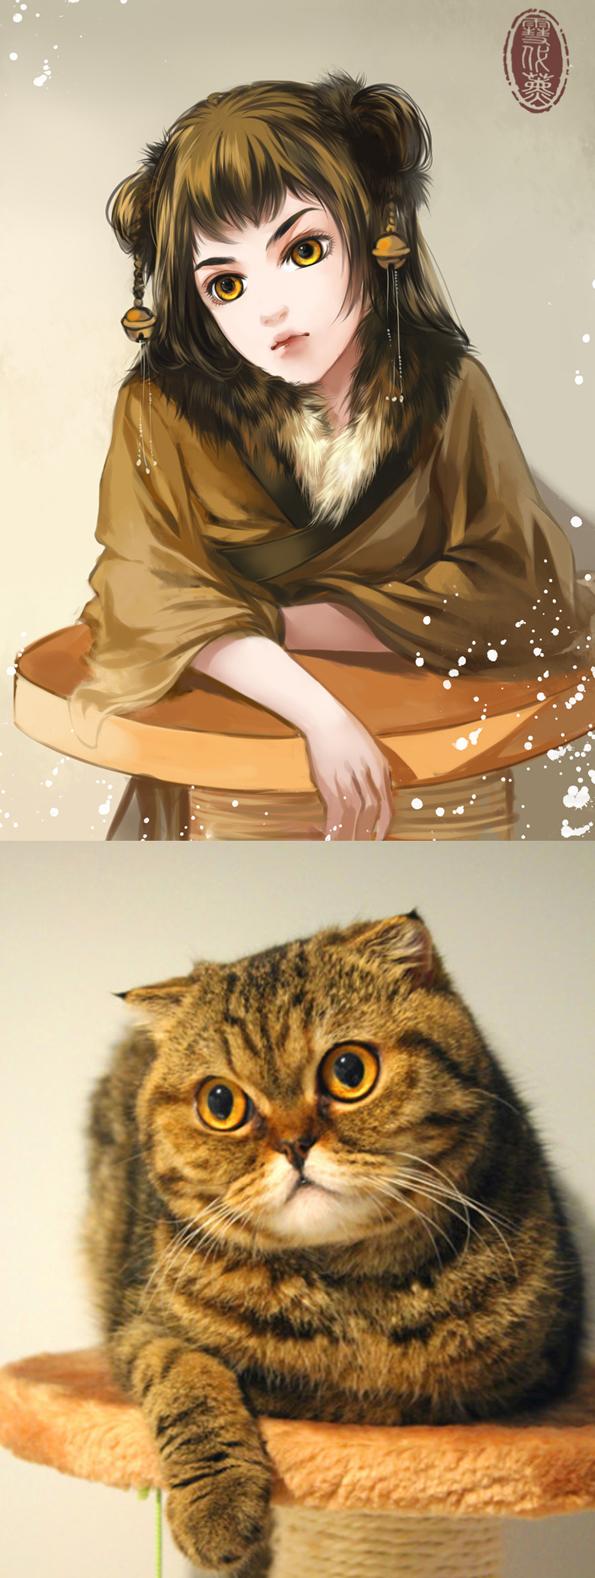 Kot narysowany jako kobieta z anime 11